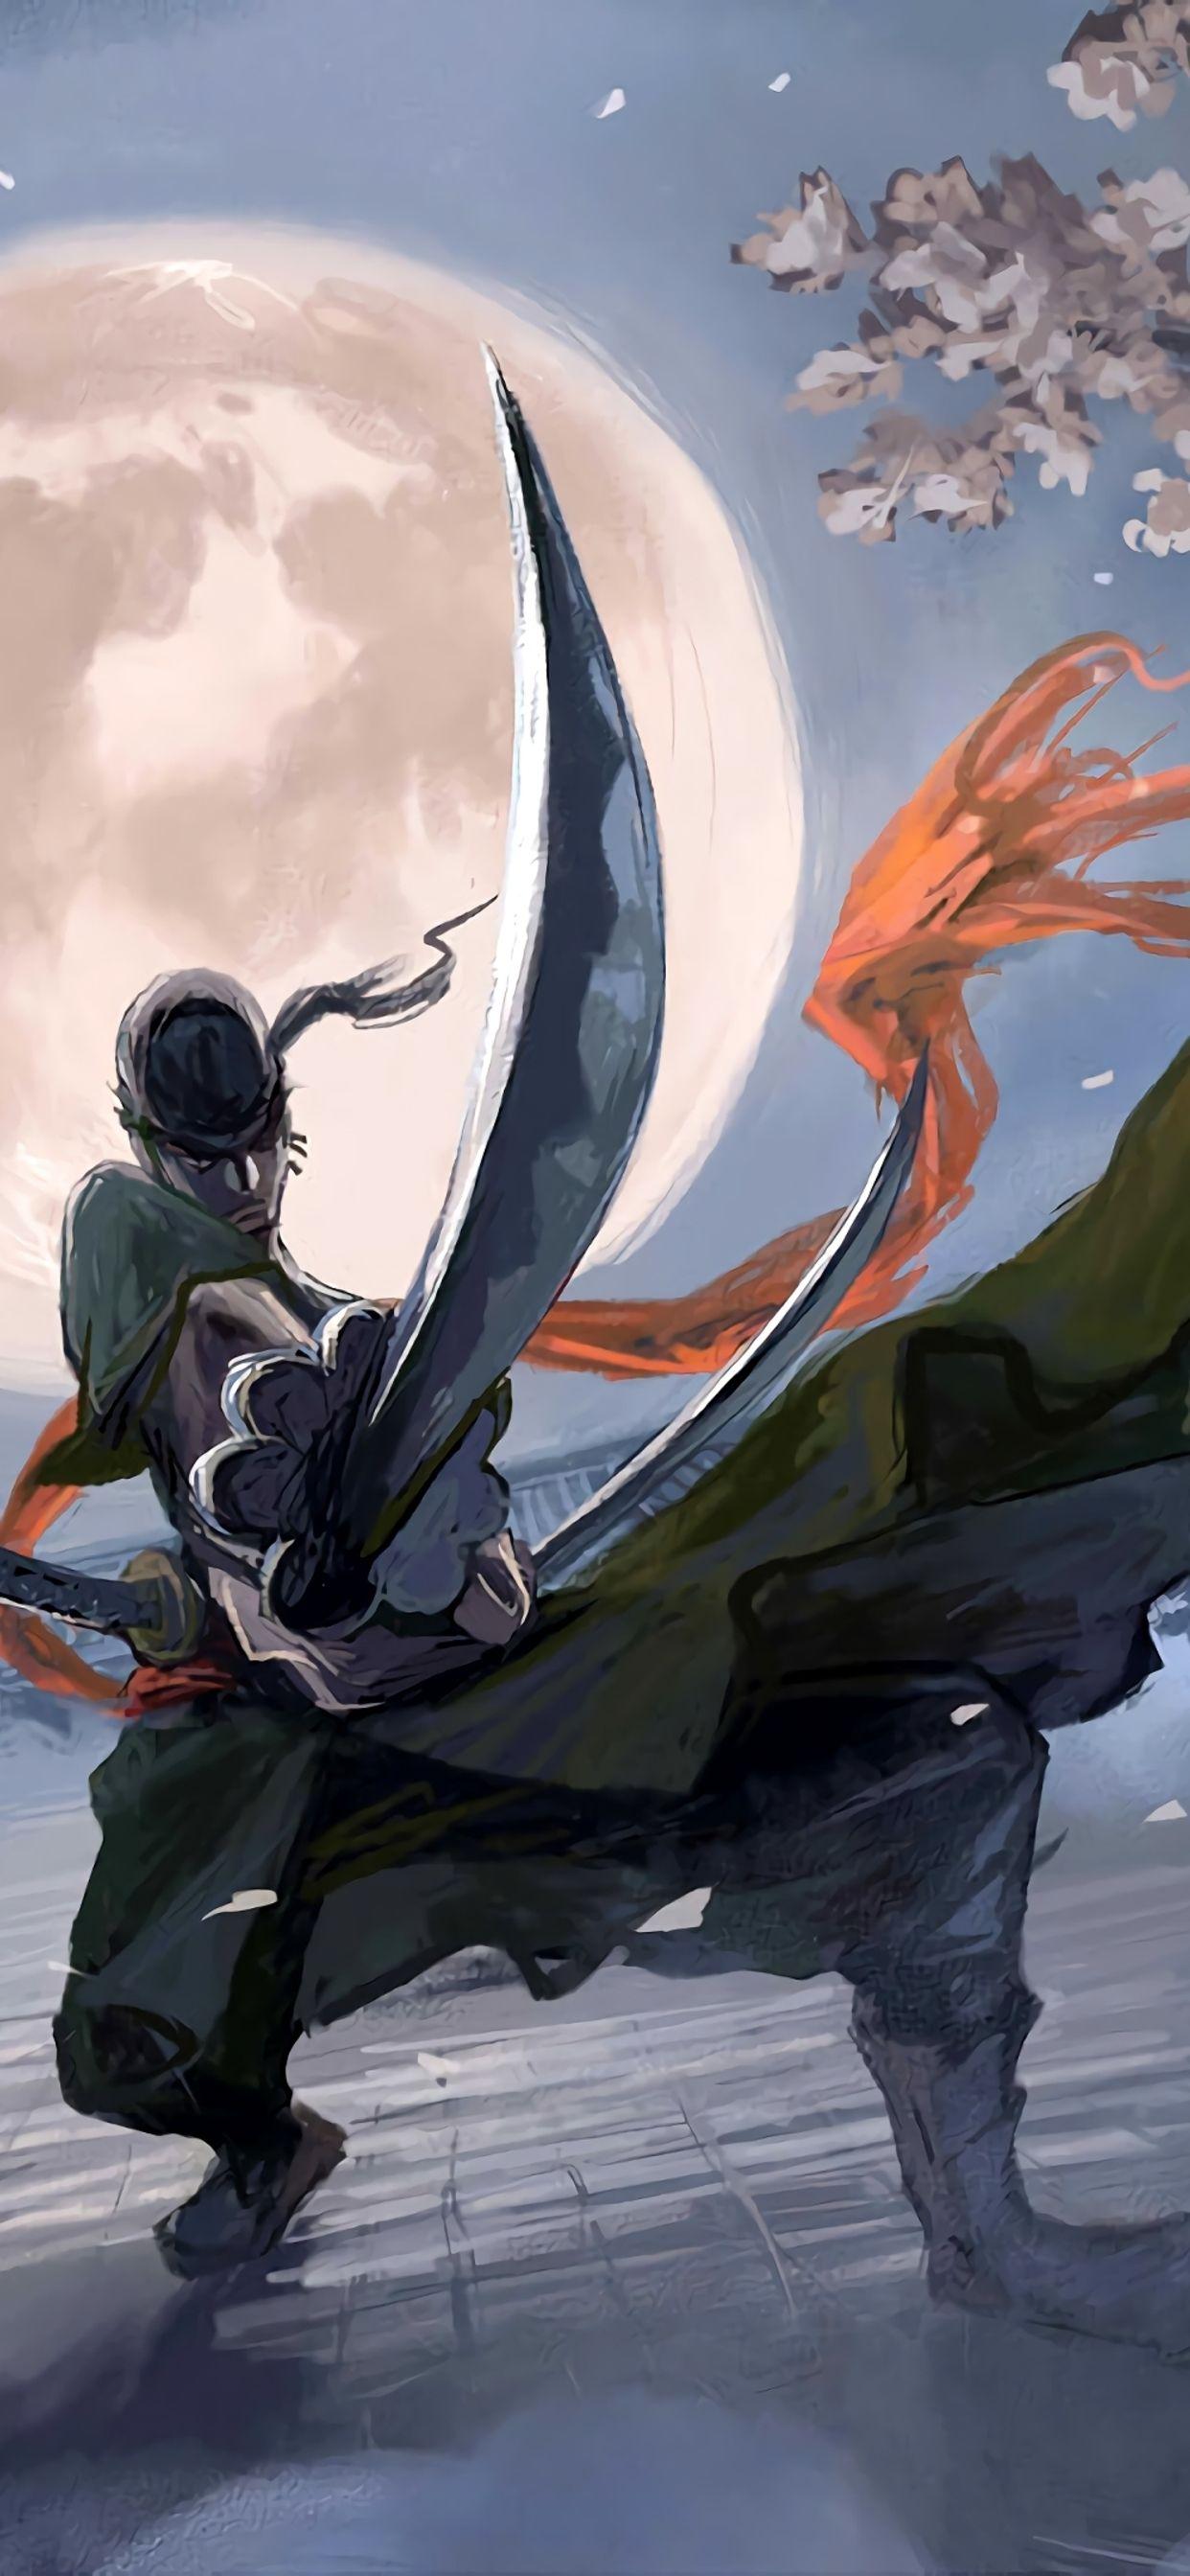 One Piece Zoro Hd Desktop Wallpaper Trends for wallpaper one piece zoro 3d